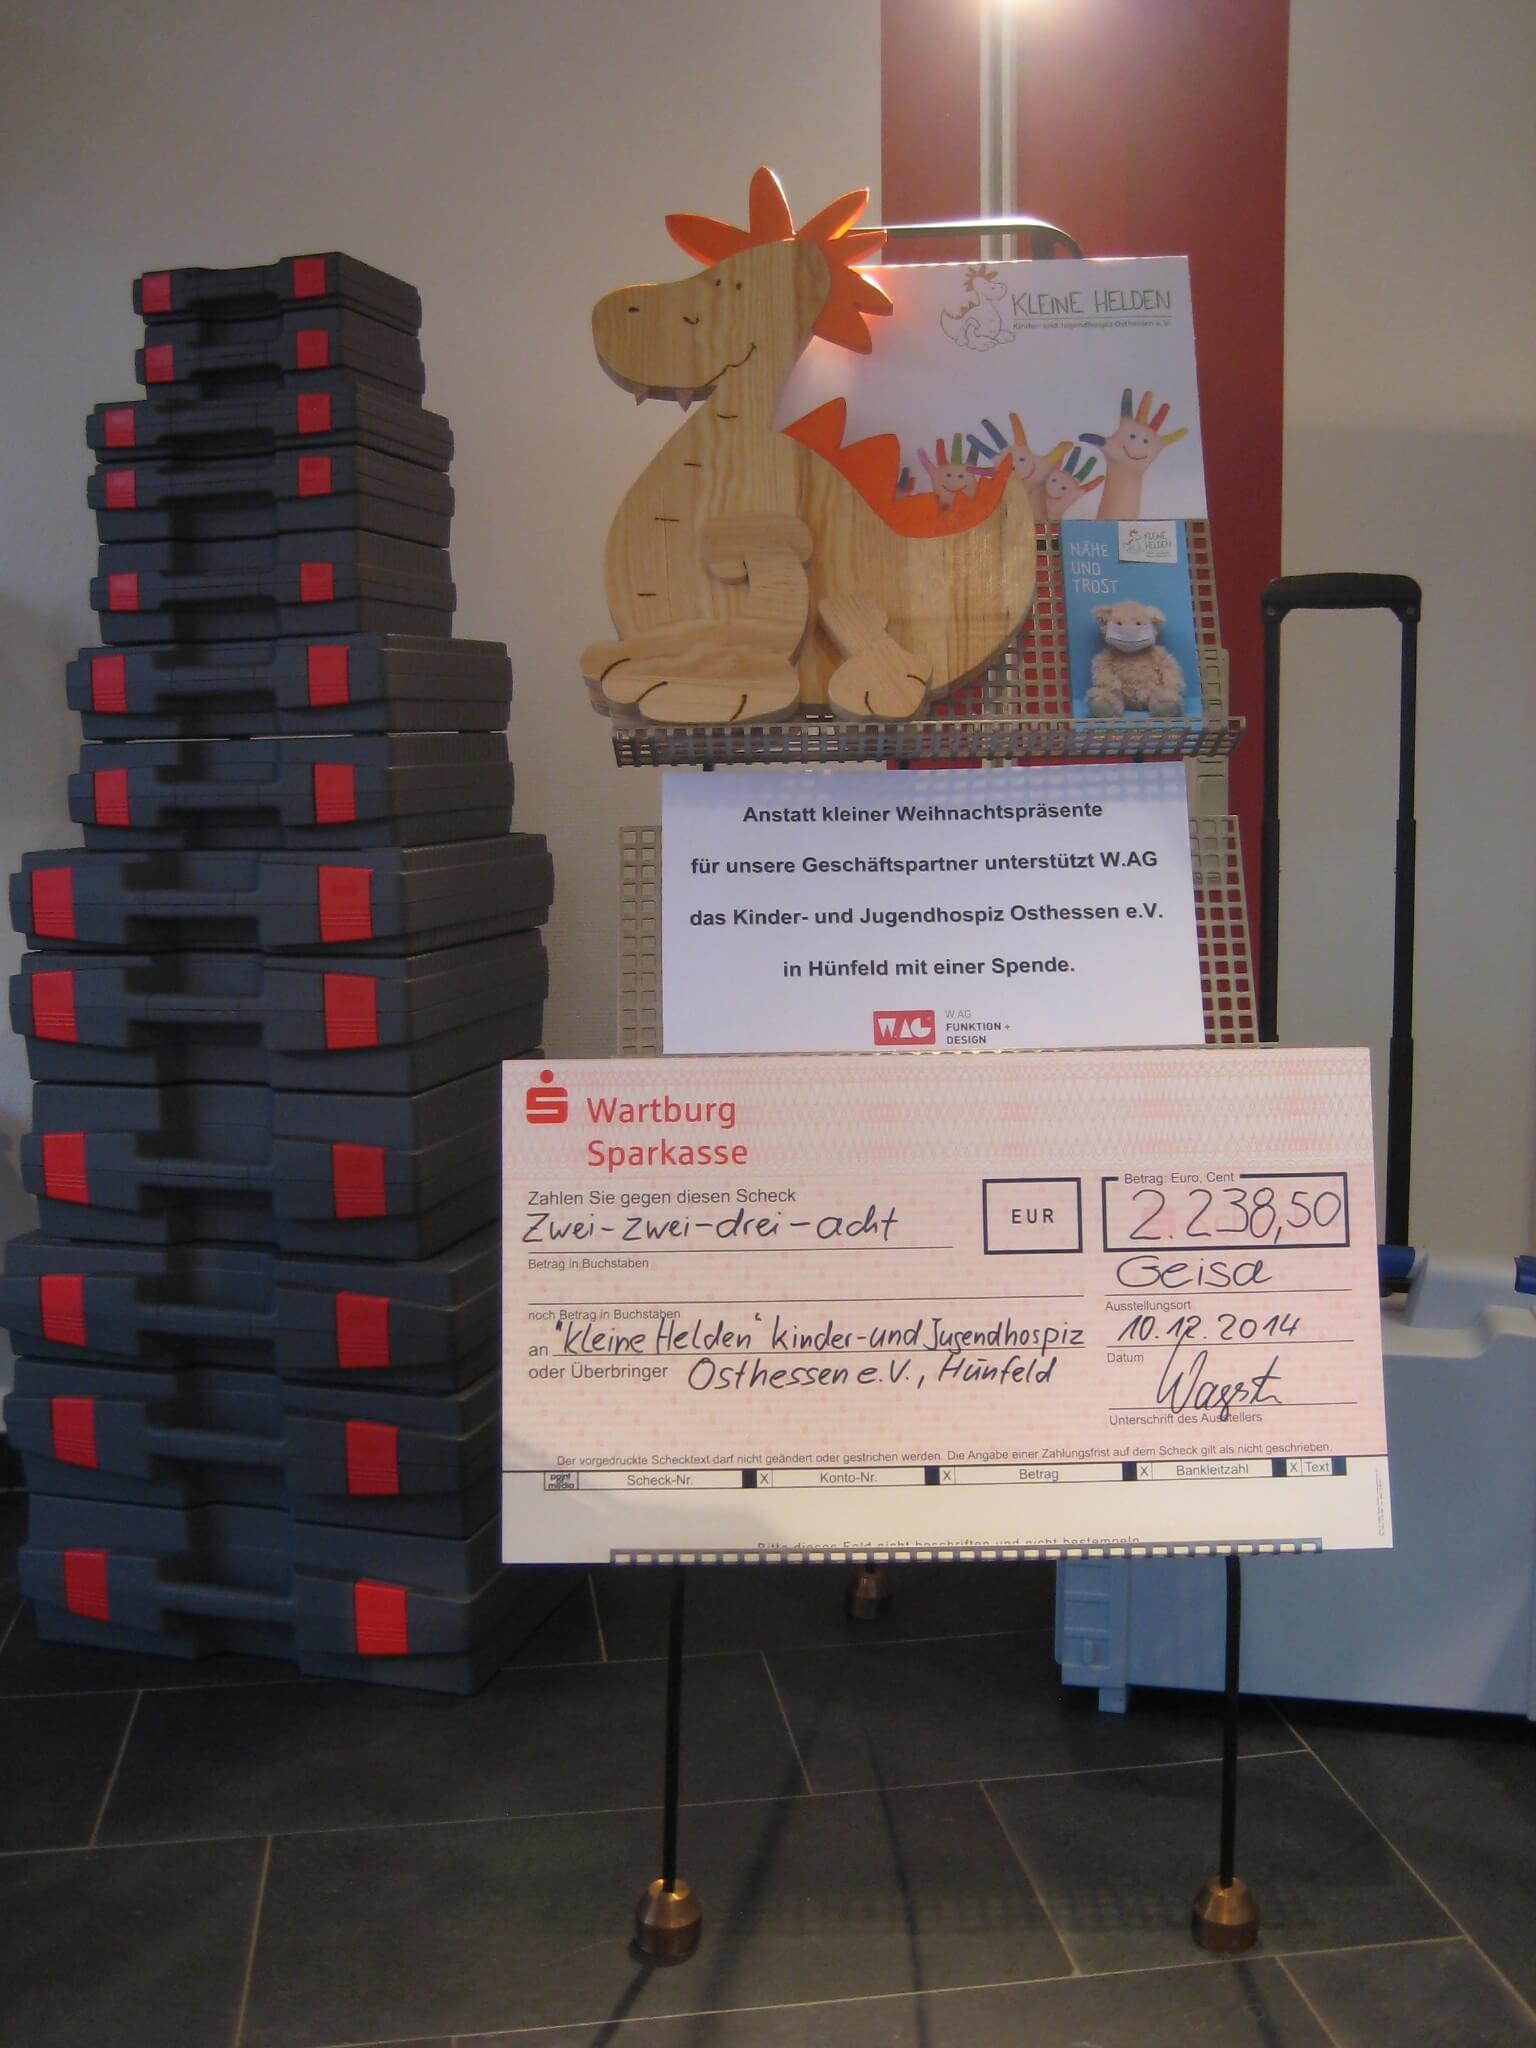 Spenden statt Kunden-Weihnachtsgeschenke